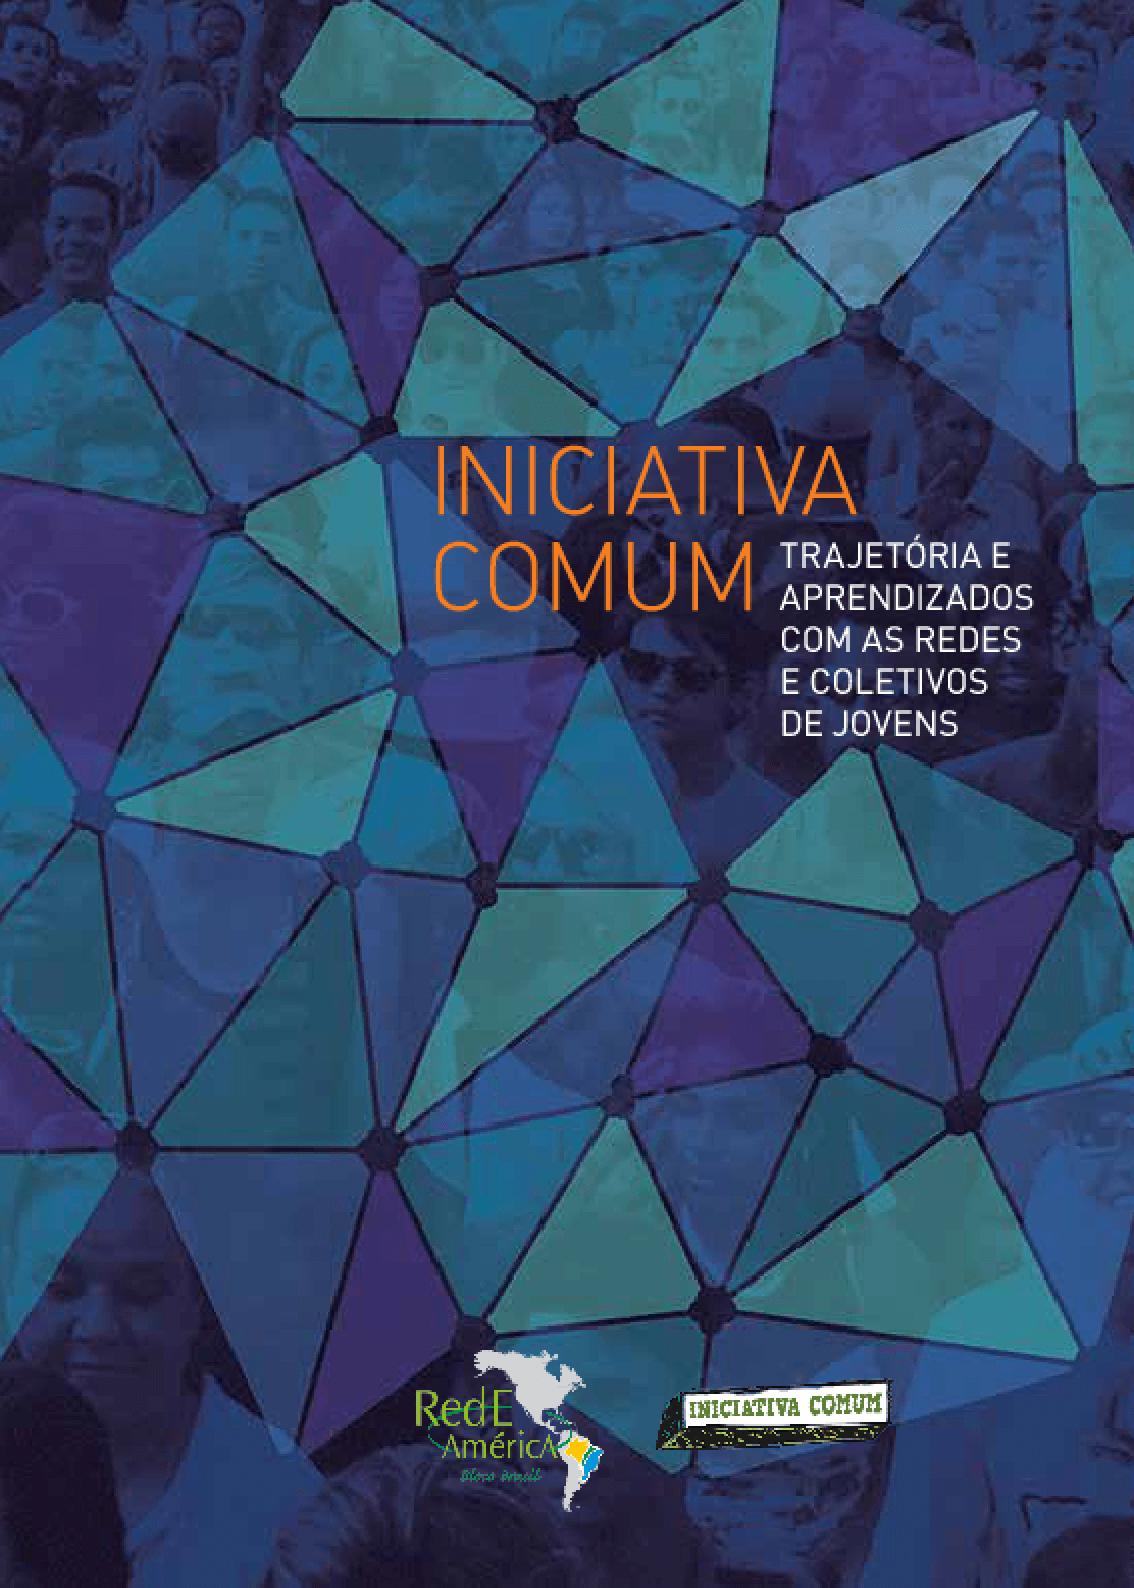 Iniciativa comum: trajetória e aprendizado com as redes e coletivos de jovens